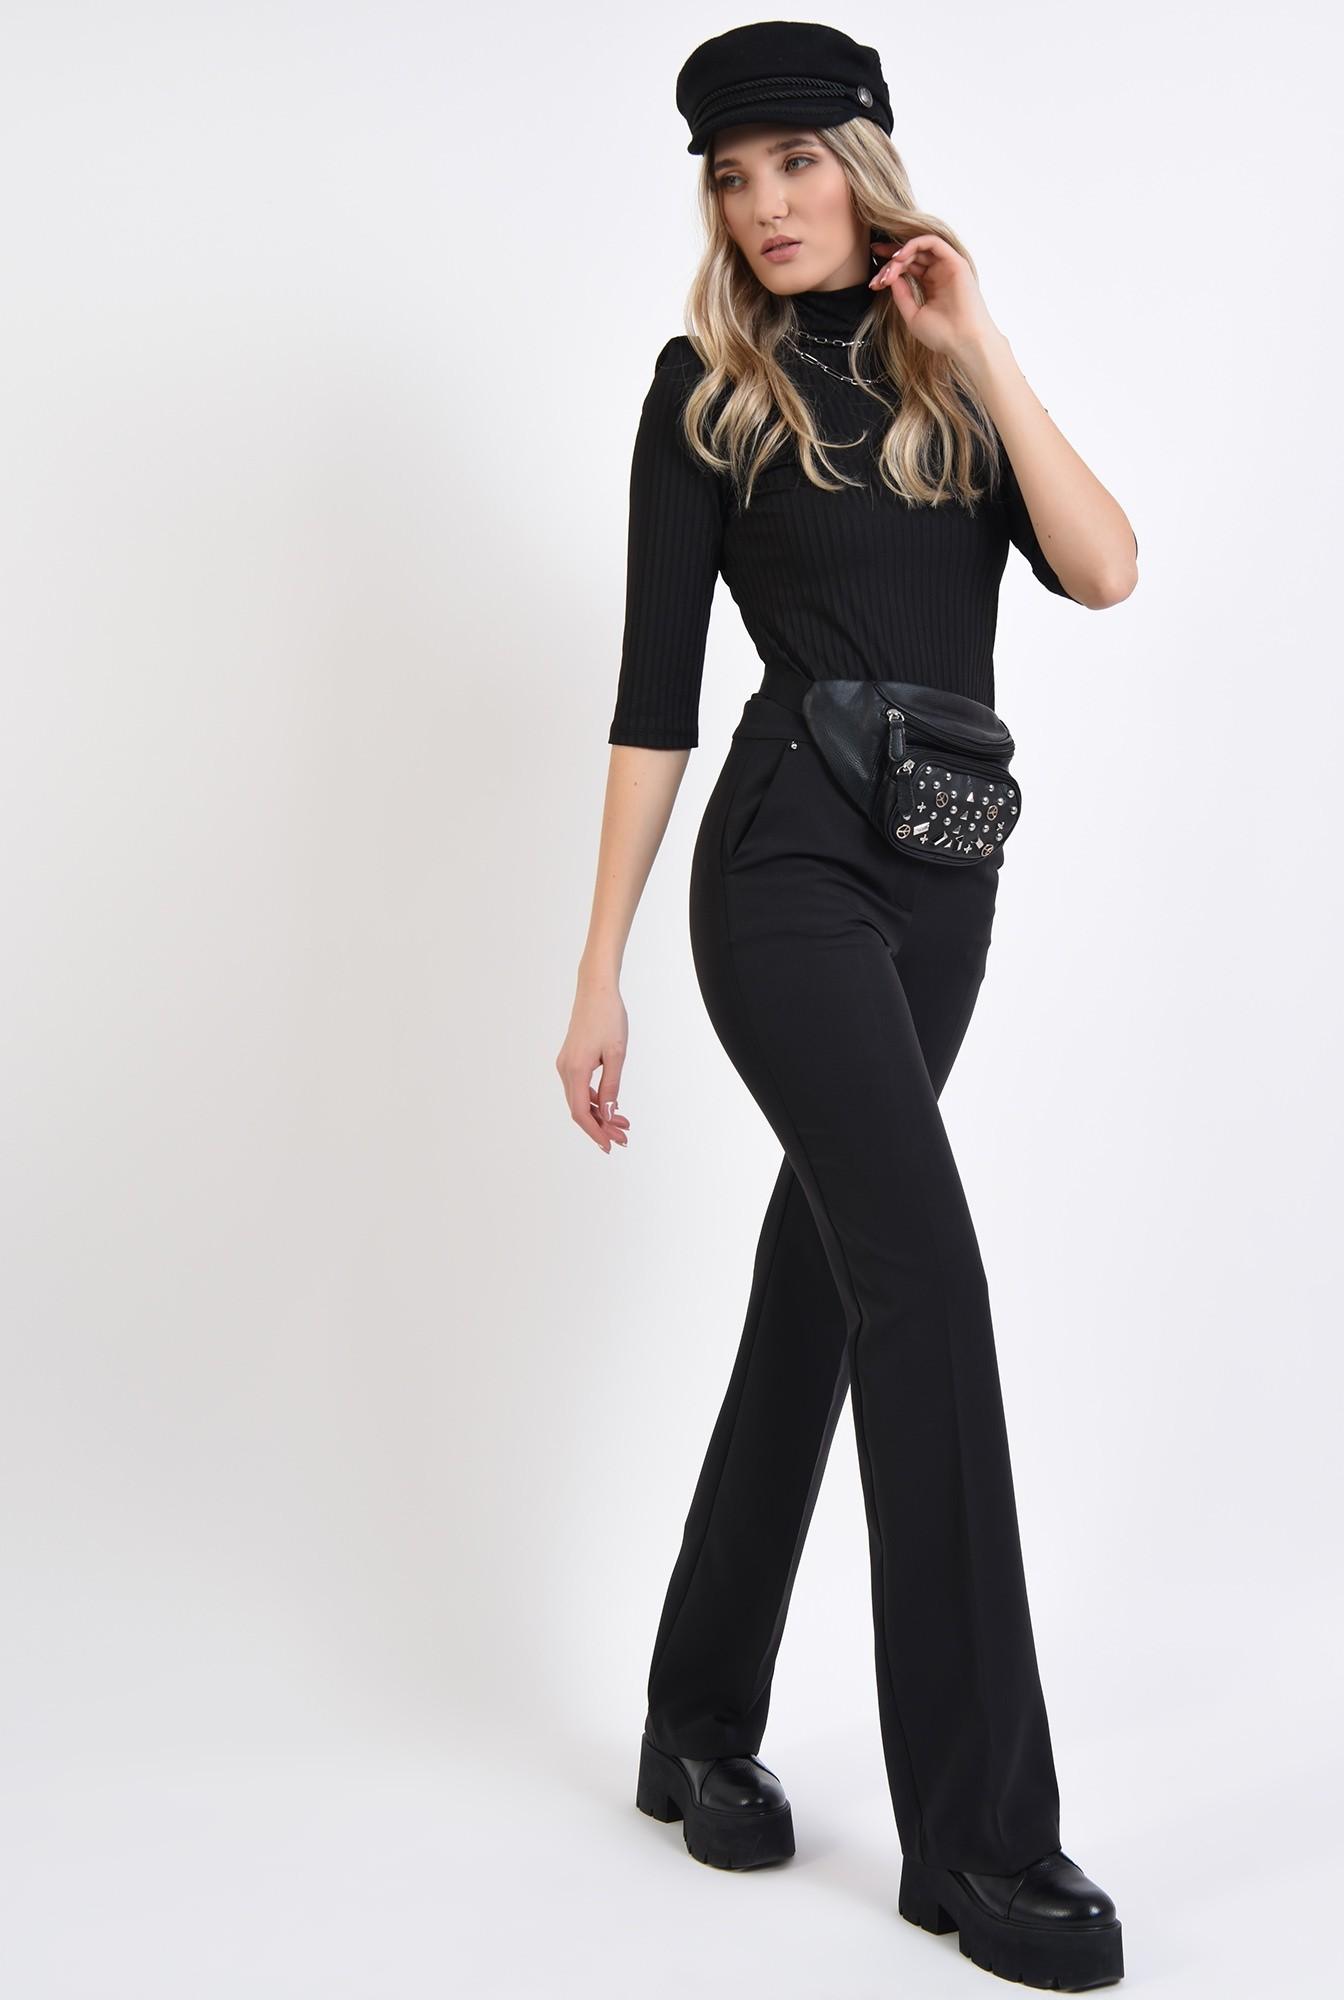 0 - pantaloni cu talie medie, cu buzunare laterale